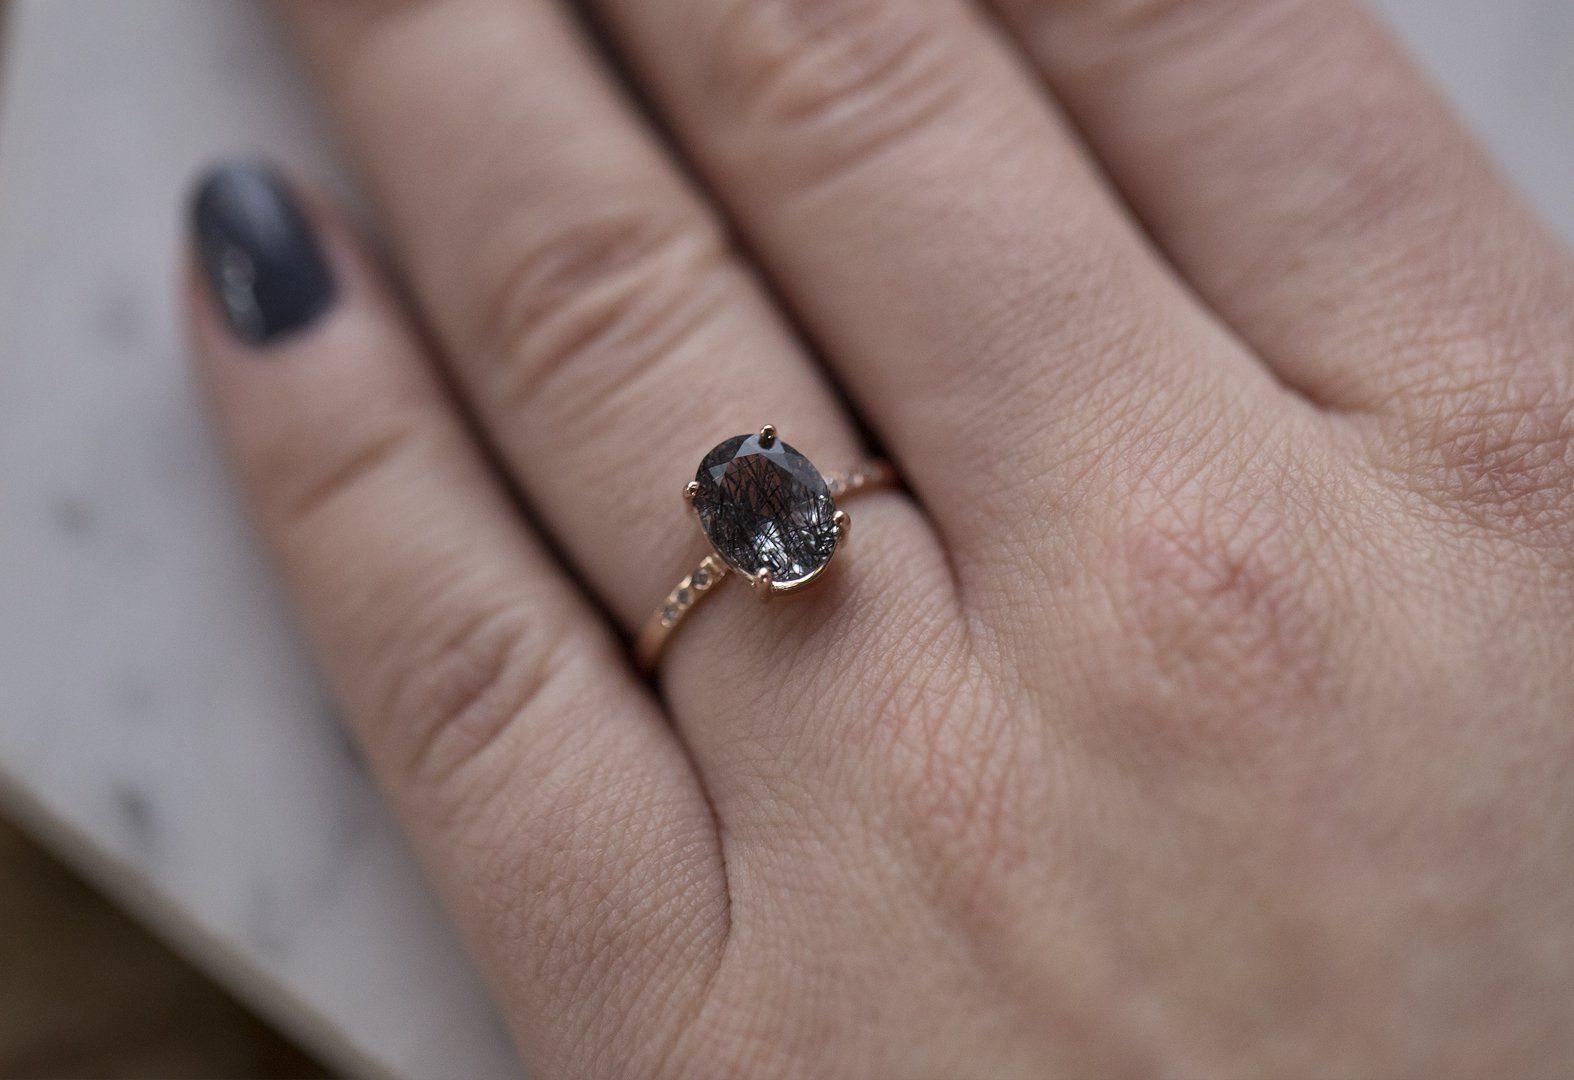 Black Tourmaline In Quartz Engagement Ring With Pave Diamonds Quartz Engagement Ring Tourmaline Engagement Ring Black Tourmaline Ring